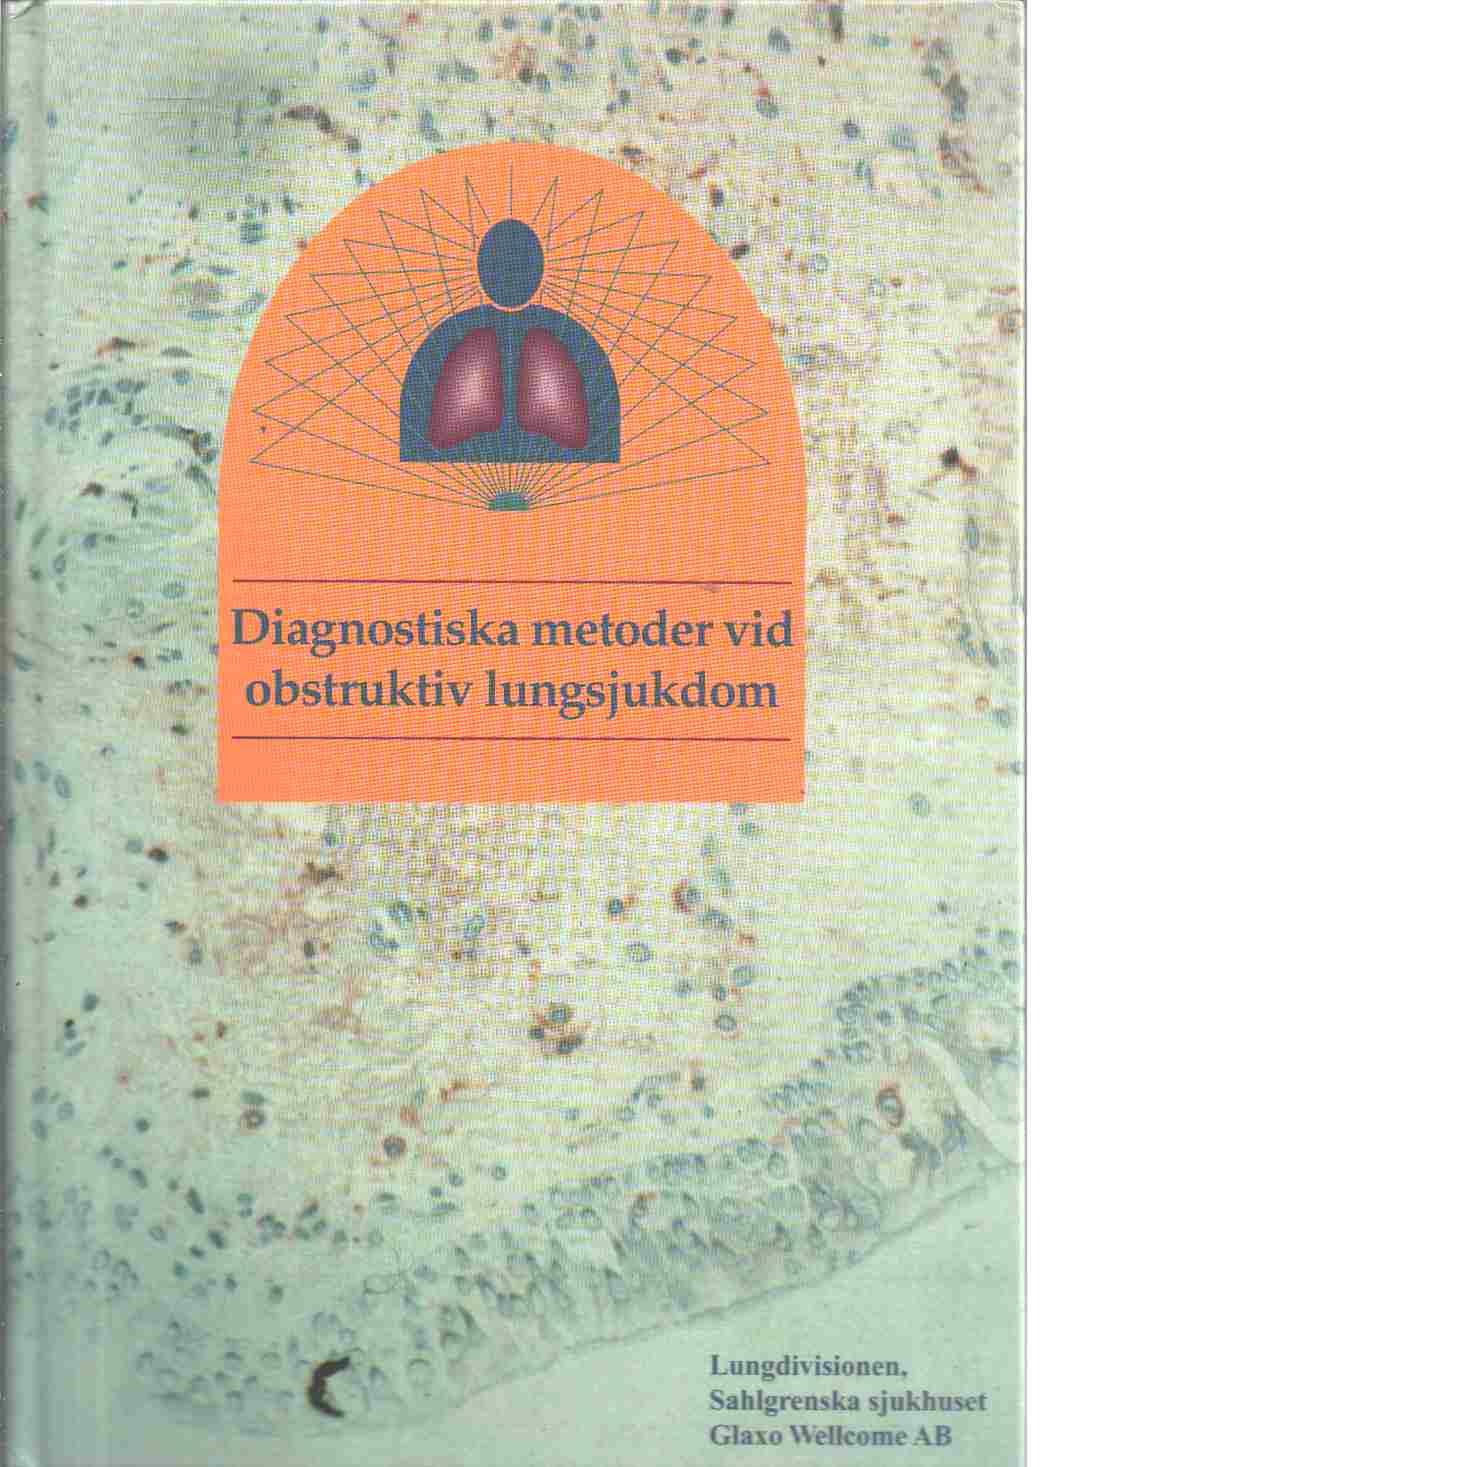 Astma : diagnostiska metoder vid obstruktiv lungsjukdom - Red. Skoogh Bengt-Eric